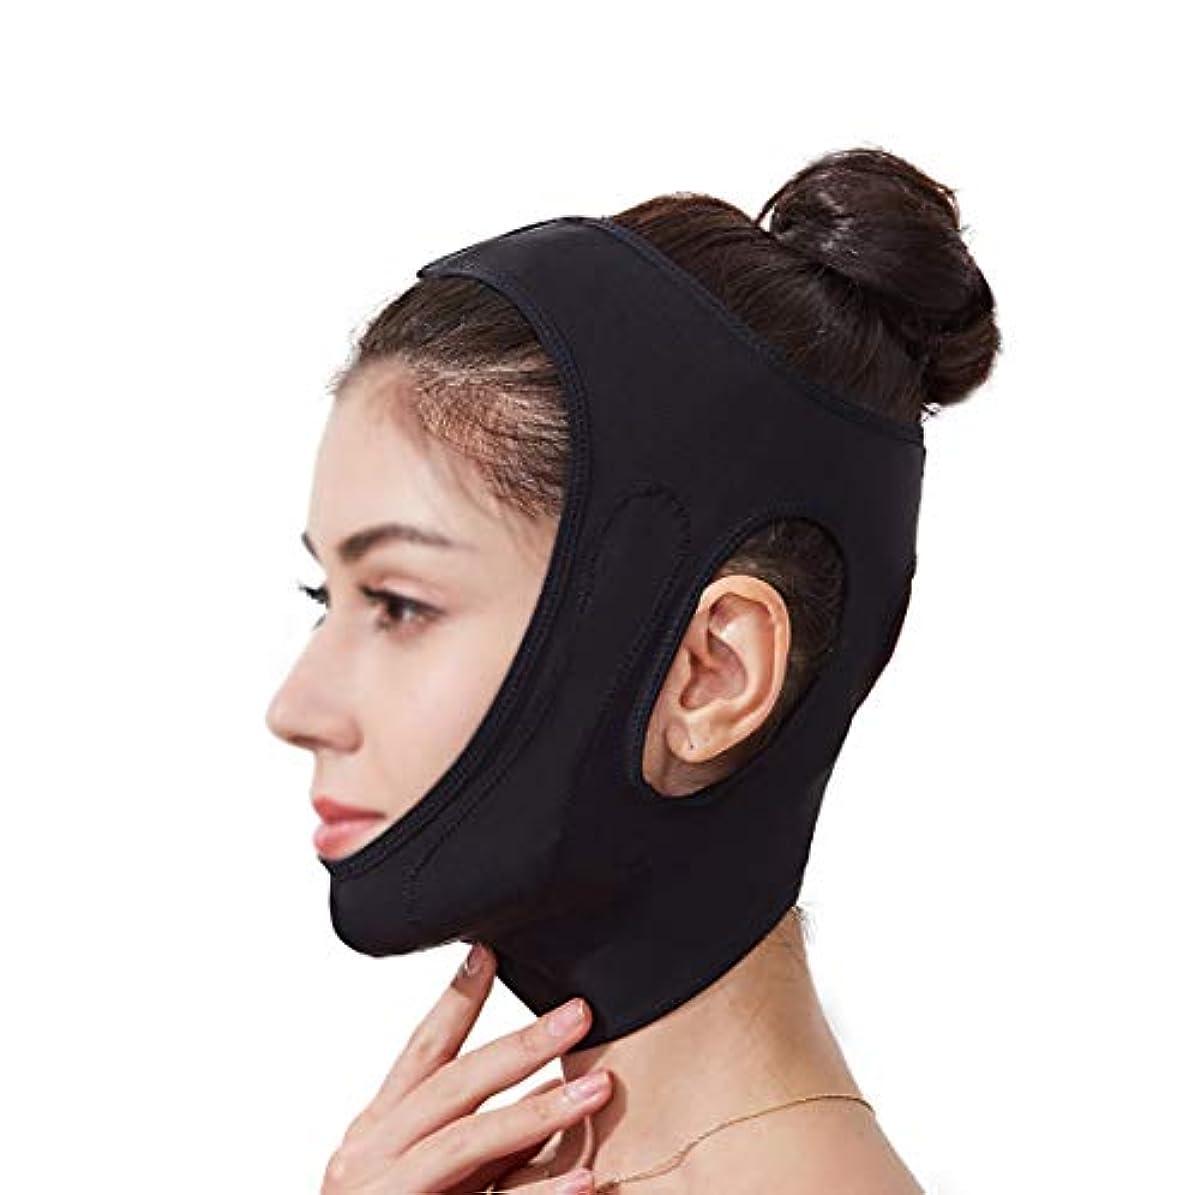 大聖堂雪最も遠いLJK フェイスリフティングマスク、360°オールラウンドリフティングフェイシャルコンター、あごを閉じて肌を引き締め、快適でフェイスライトと通気性をサポート (Color : Black)